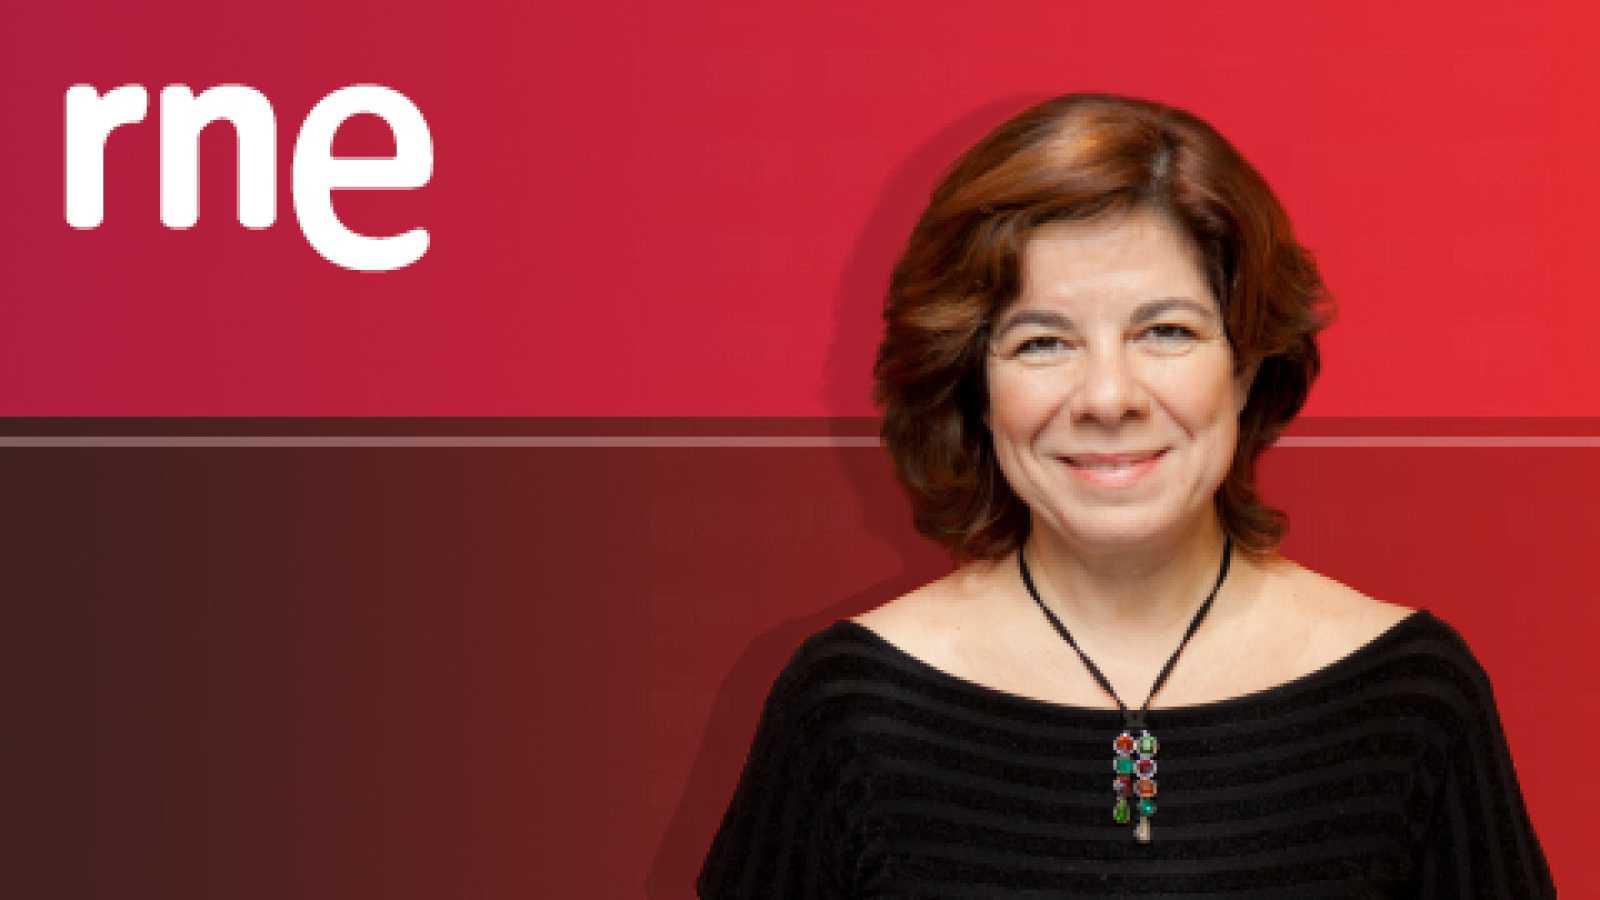 He venido aquí a hablar de lo mío - Laura Pacheco y Julia Varela - 10/08/19 - escuchar ahora